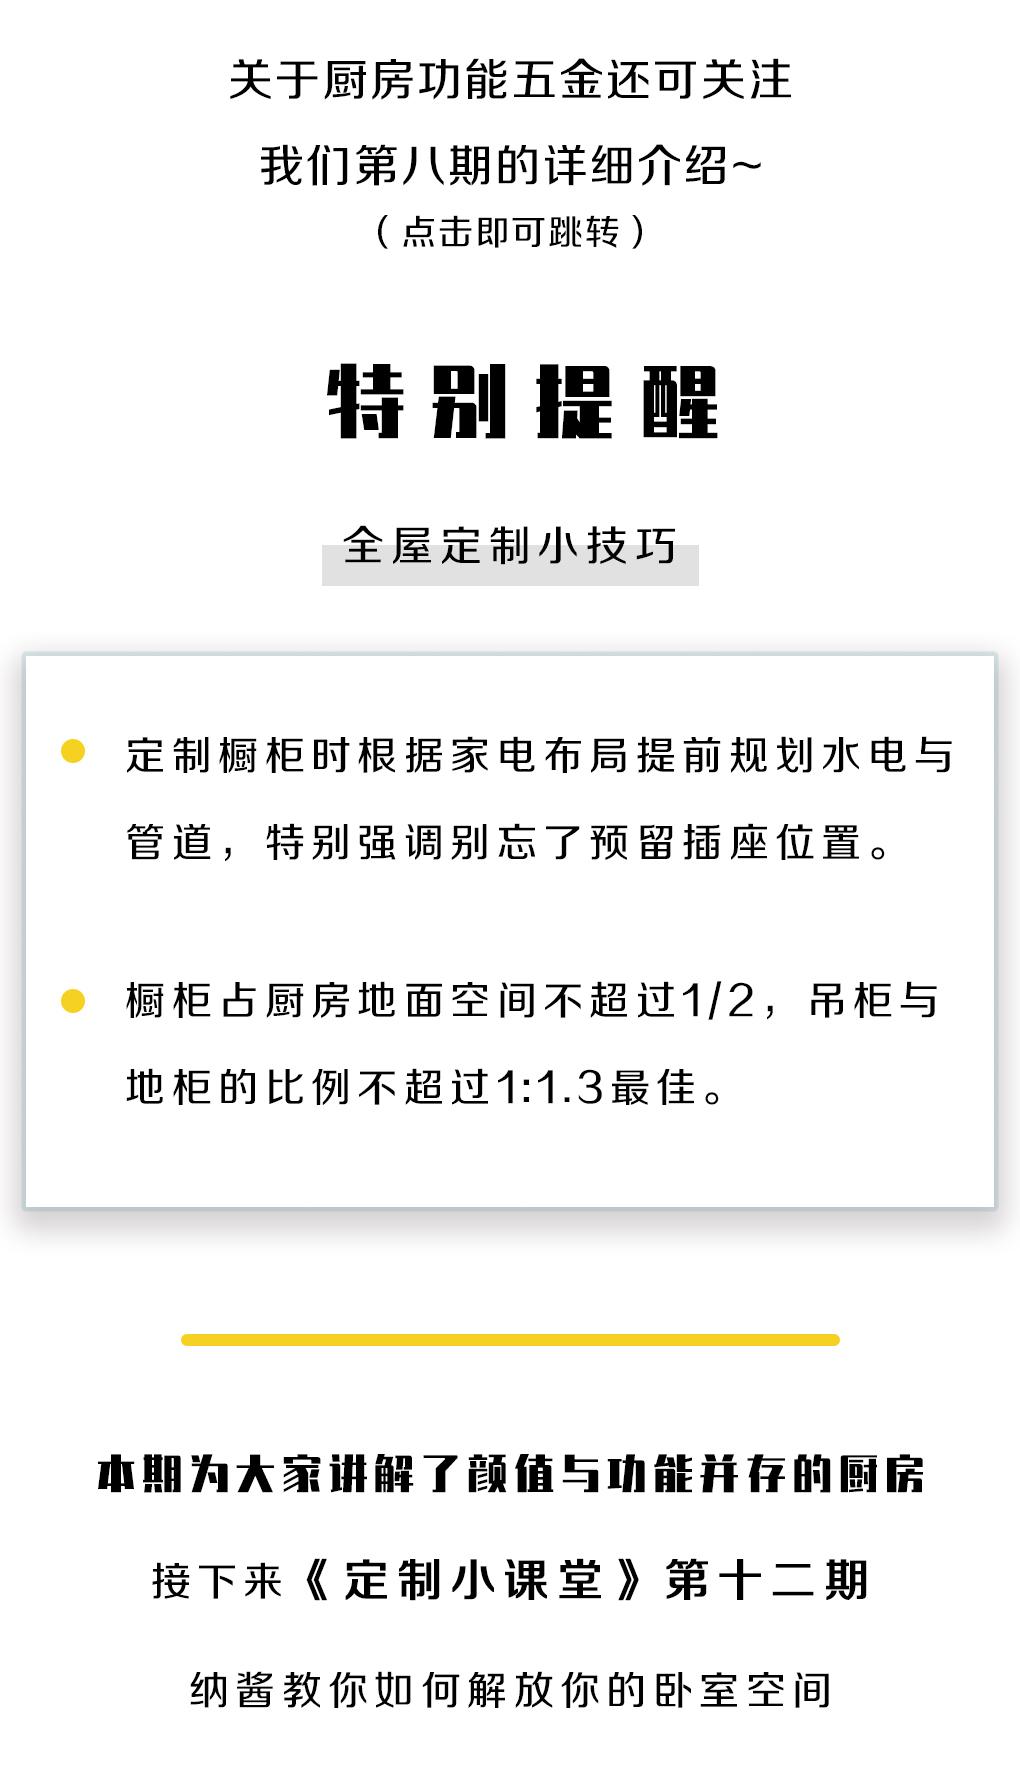 定制小课堂11期_09.jpg